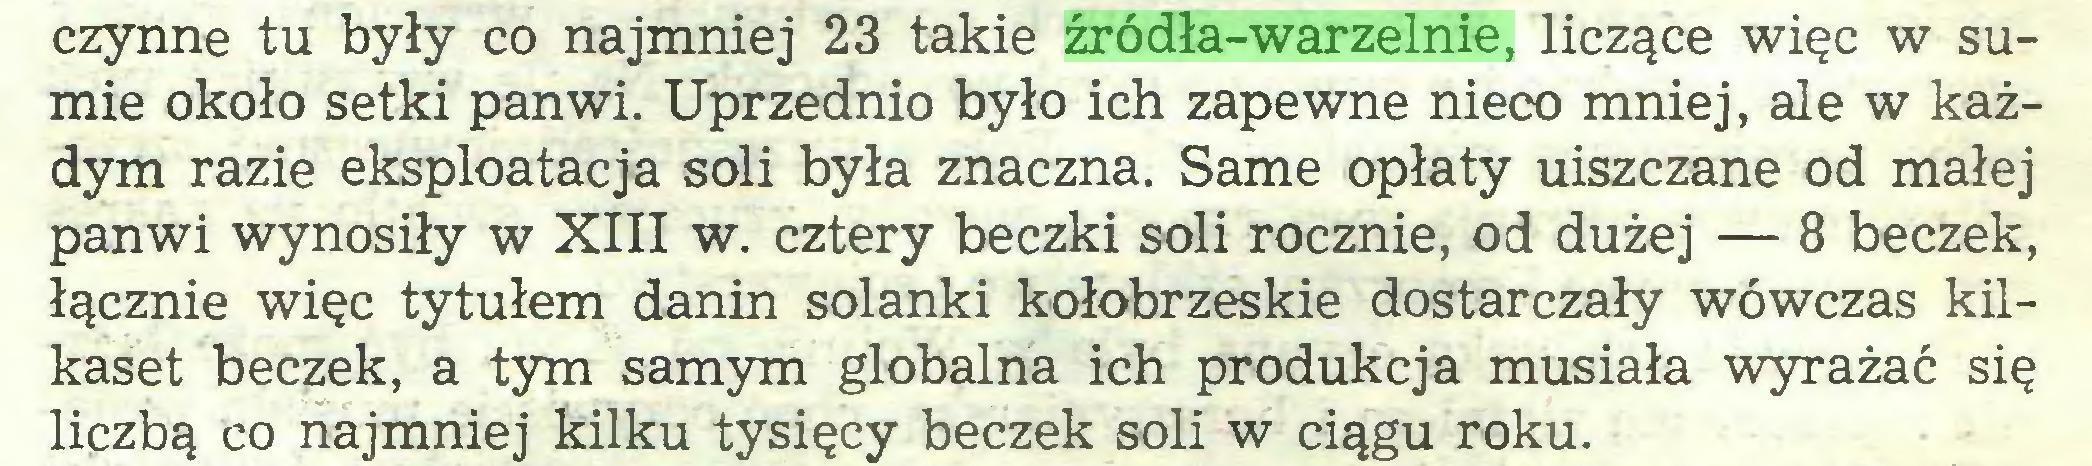 (...) czynne tu były co najmniej 23 takie źródła-warzelnie, liczące więc w sumie około setki panwi. Uprzednio było ich zapewne nieco mniej, ale w każdym razie eksploatacja soli była znaczna. Same opłaty uiszczane od małej panwi wynosiły w XIII w. cztery beczki soli rocznie, od dużej — 8 beczek, łącznie więc tytułem danin solanki kołobrzeskie dostarczały wówczas kilkaset beczek, a tym samym globalna ich produkcja musiała wyrażać się liczbą co najmniej kilku tysięcy beczek soli w ciągu roku...